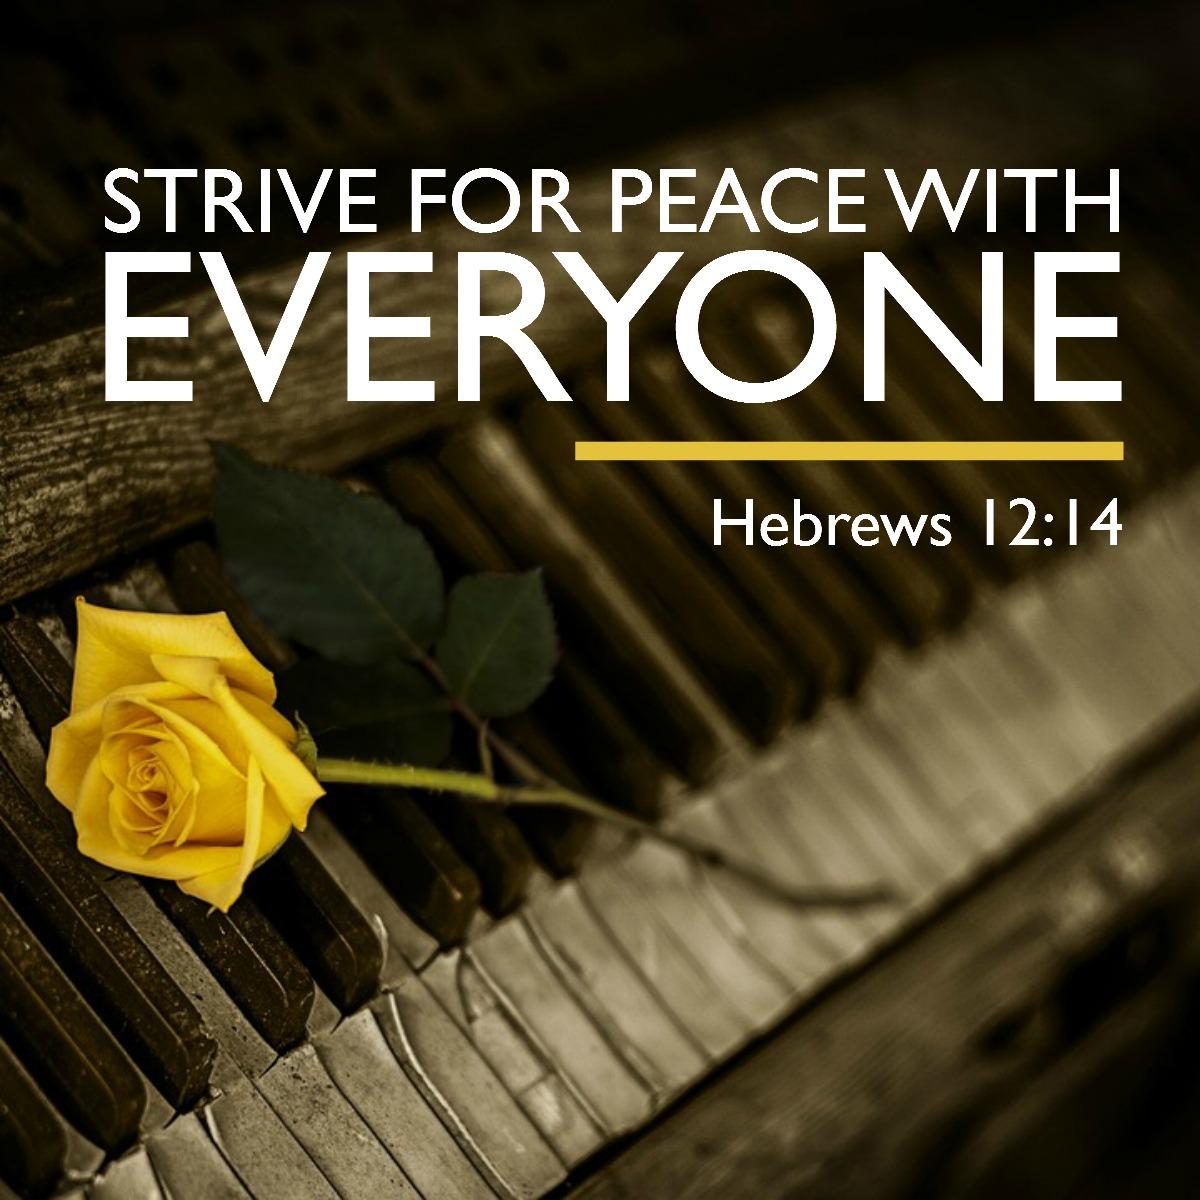 Hebrews 12:14